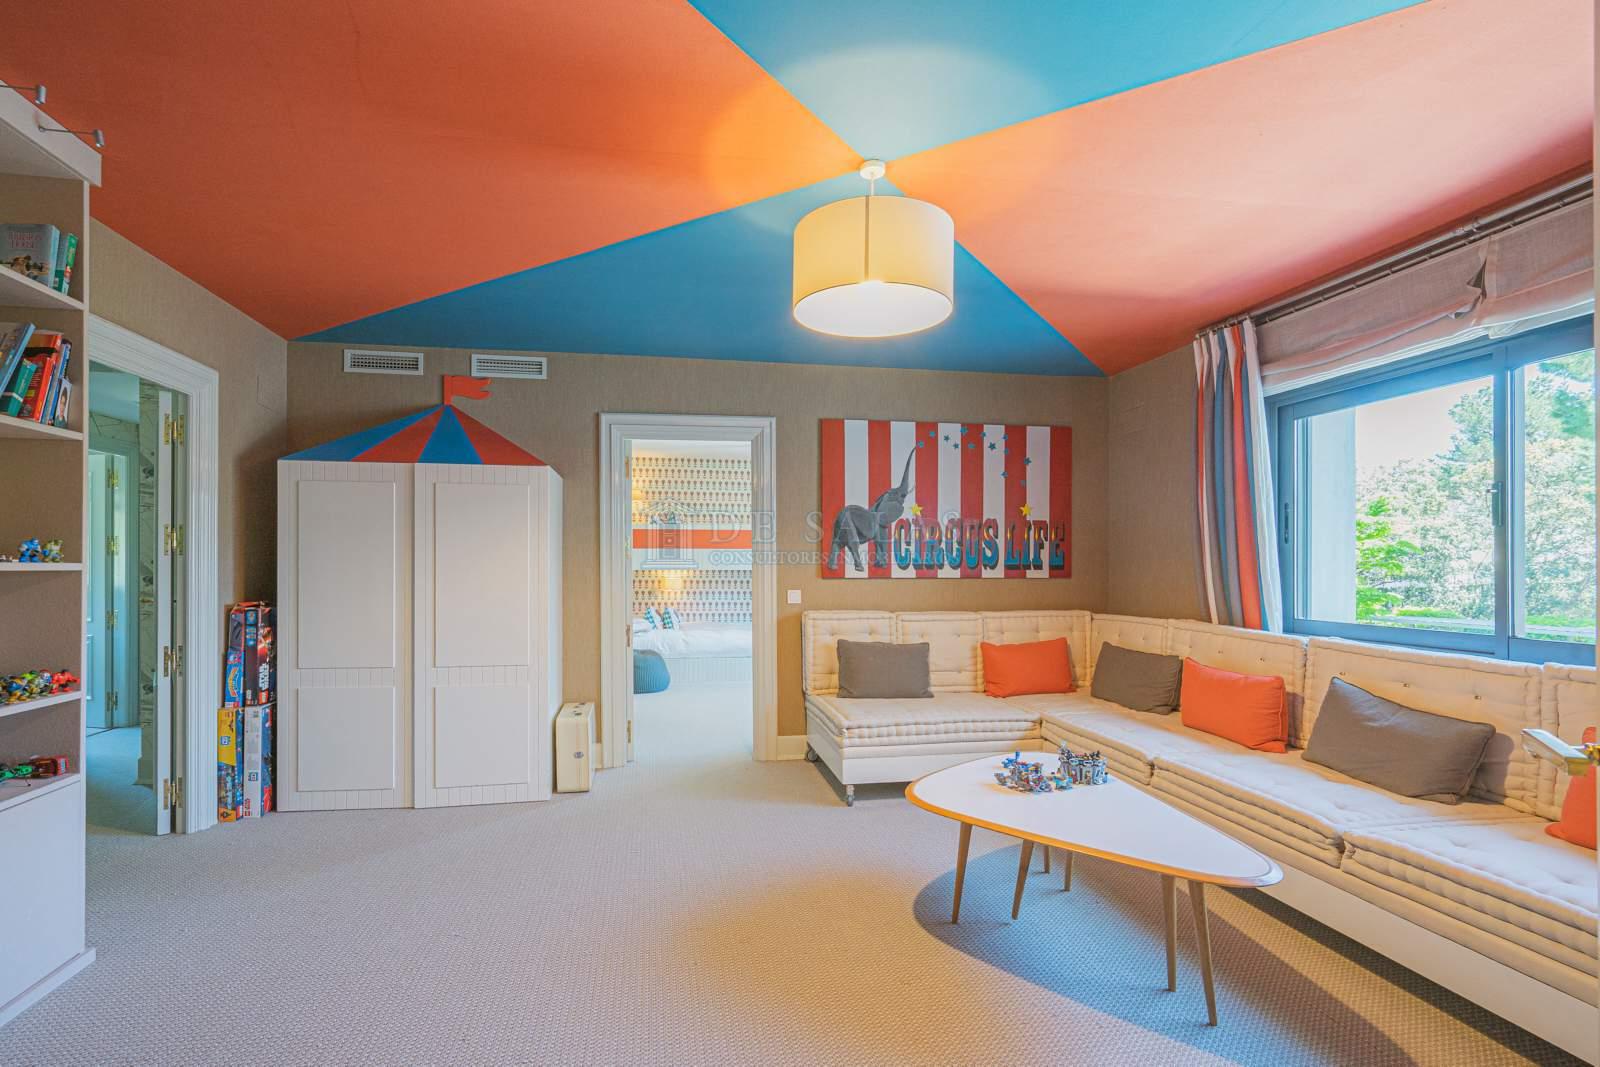 Dormitorio-0026 Maison La Moraleja